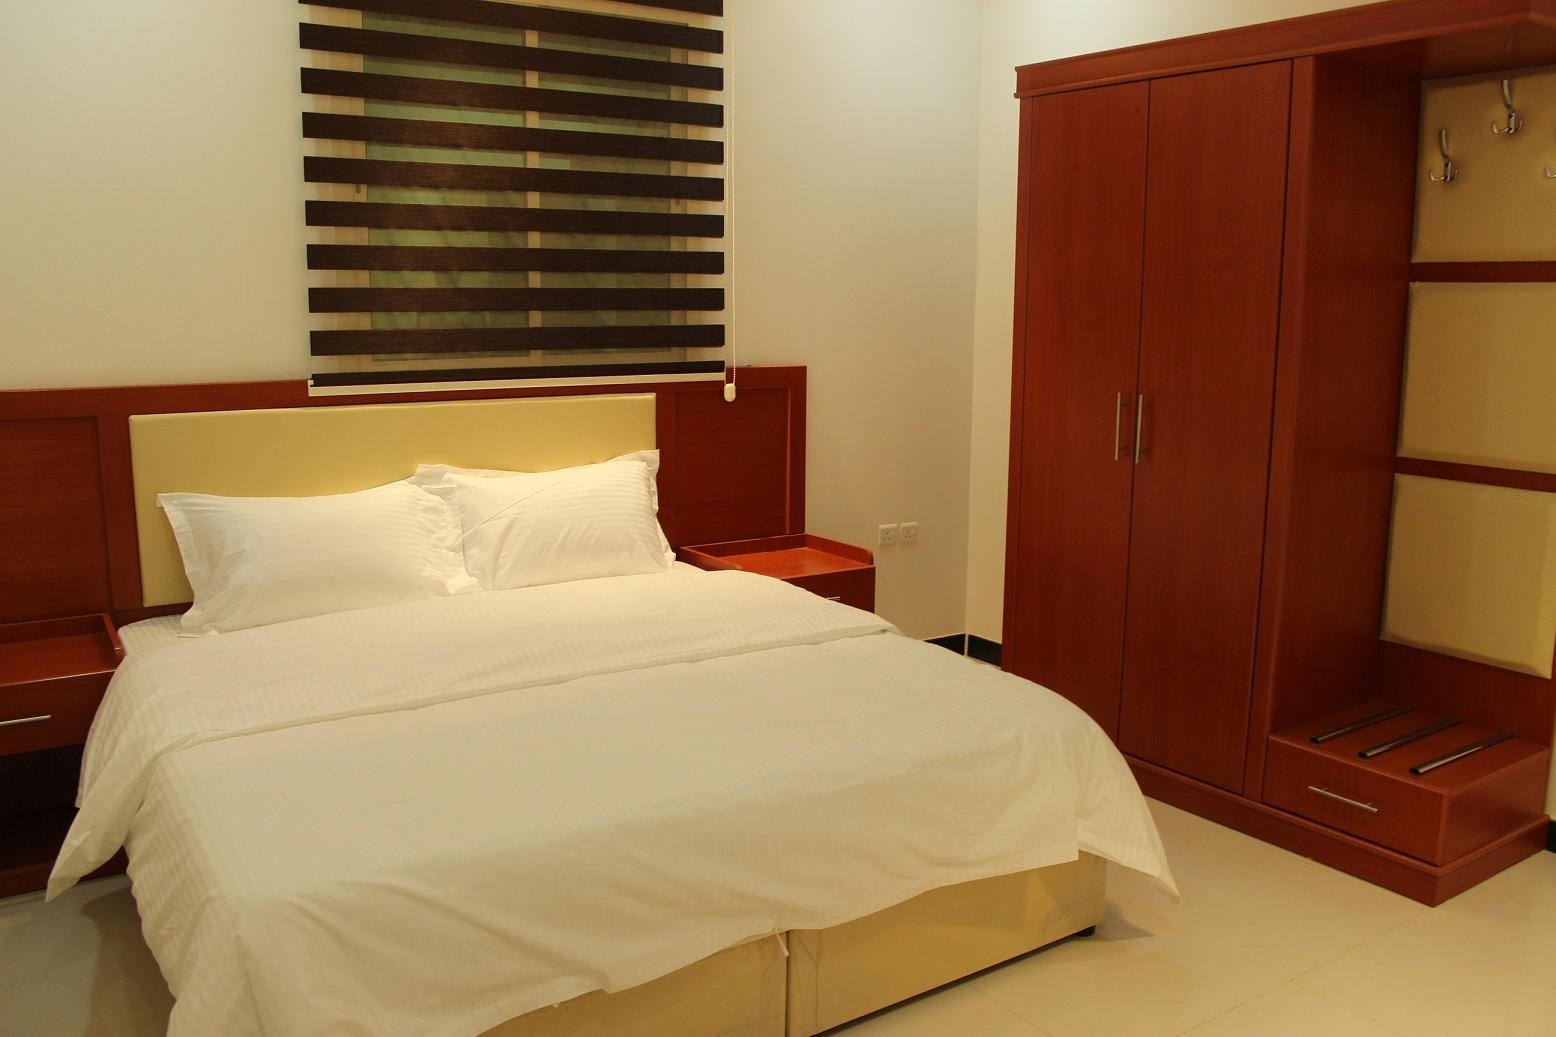 شقق أجمل مساء وحدات سكنية مفروشة الرياض 0114443919 276121329.jpg